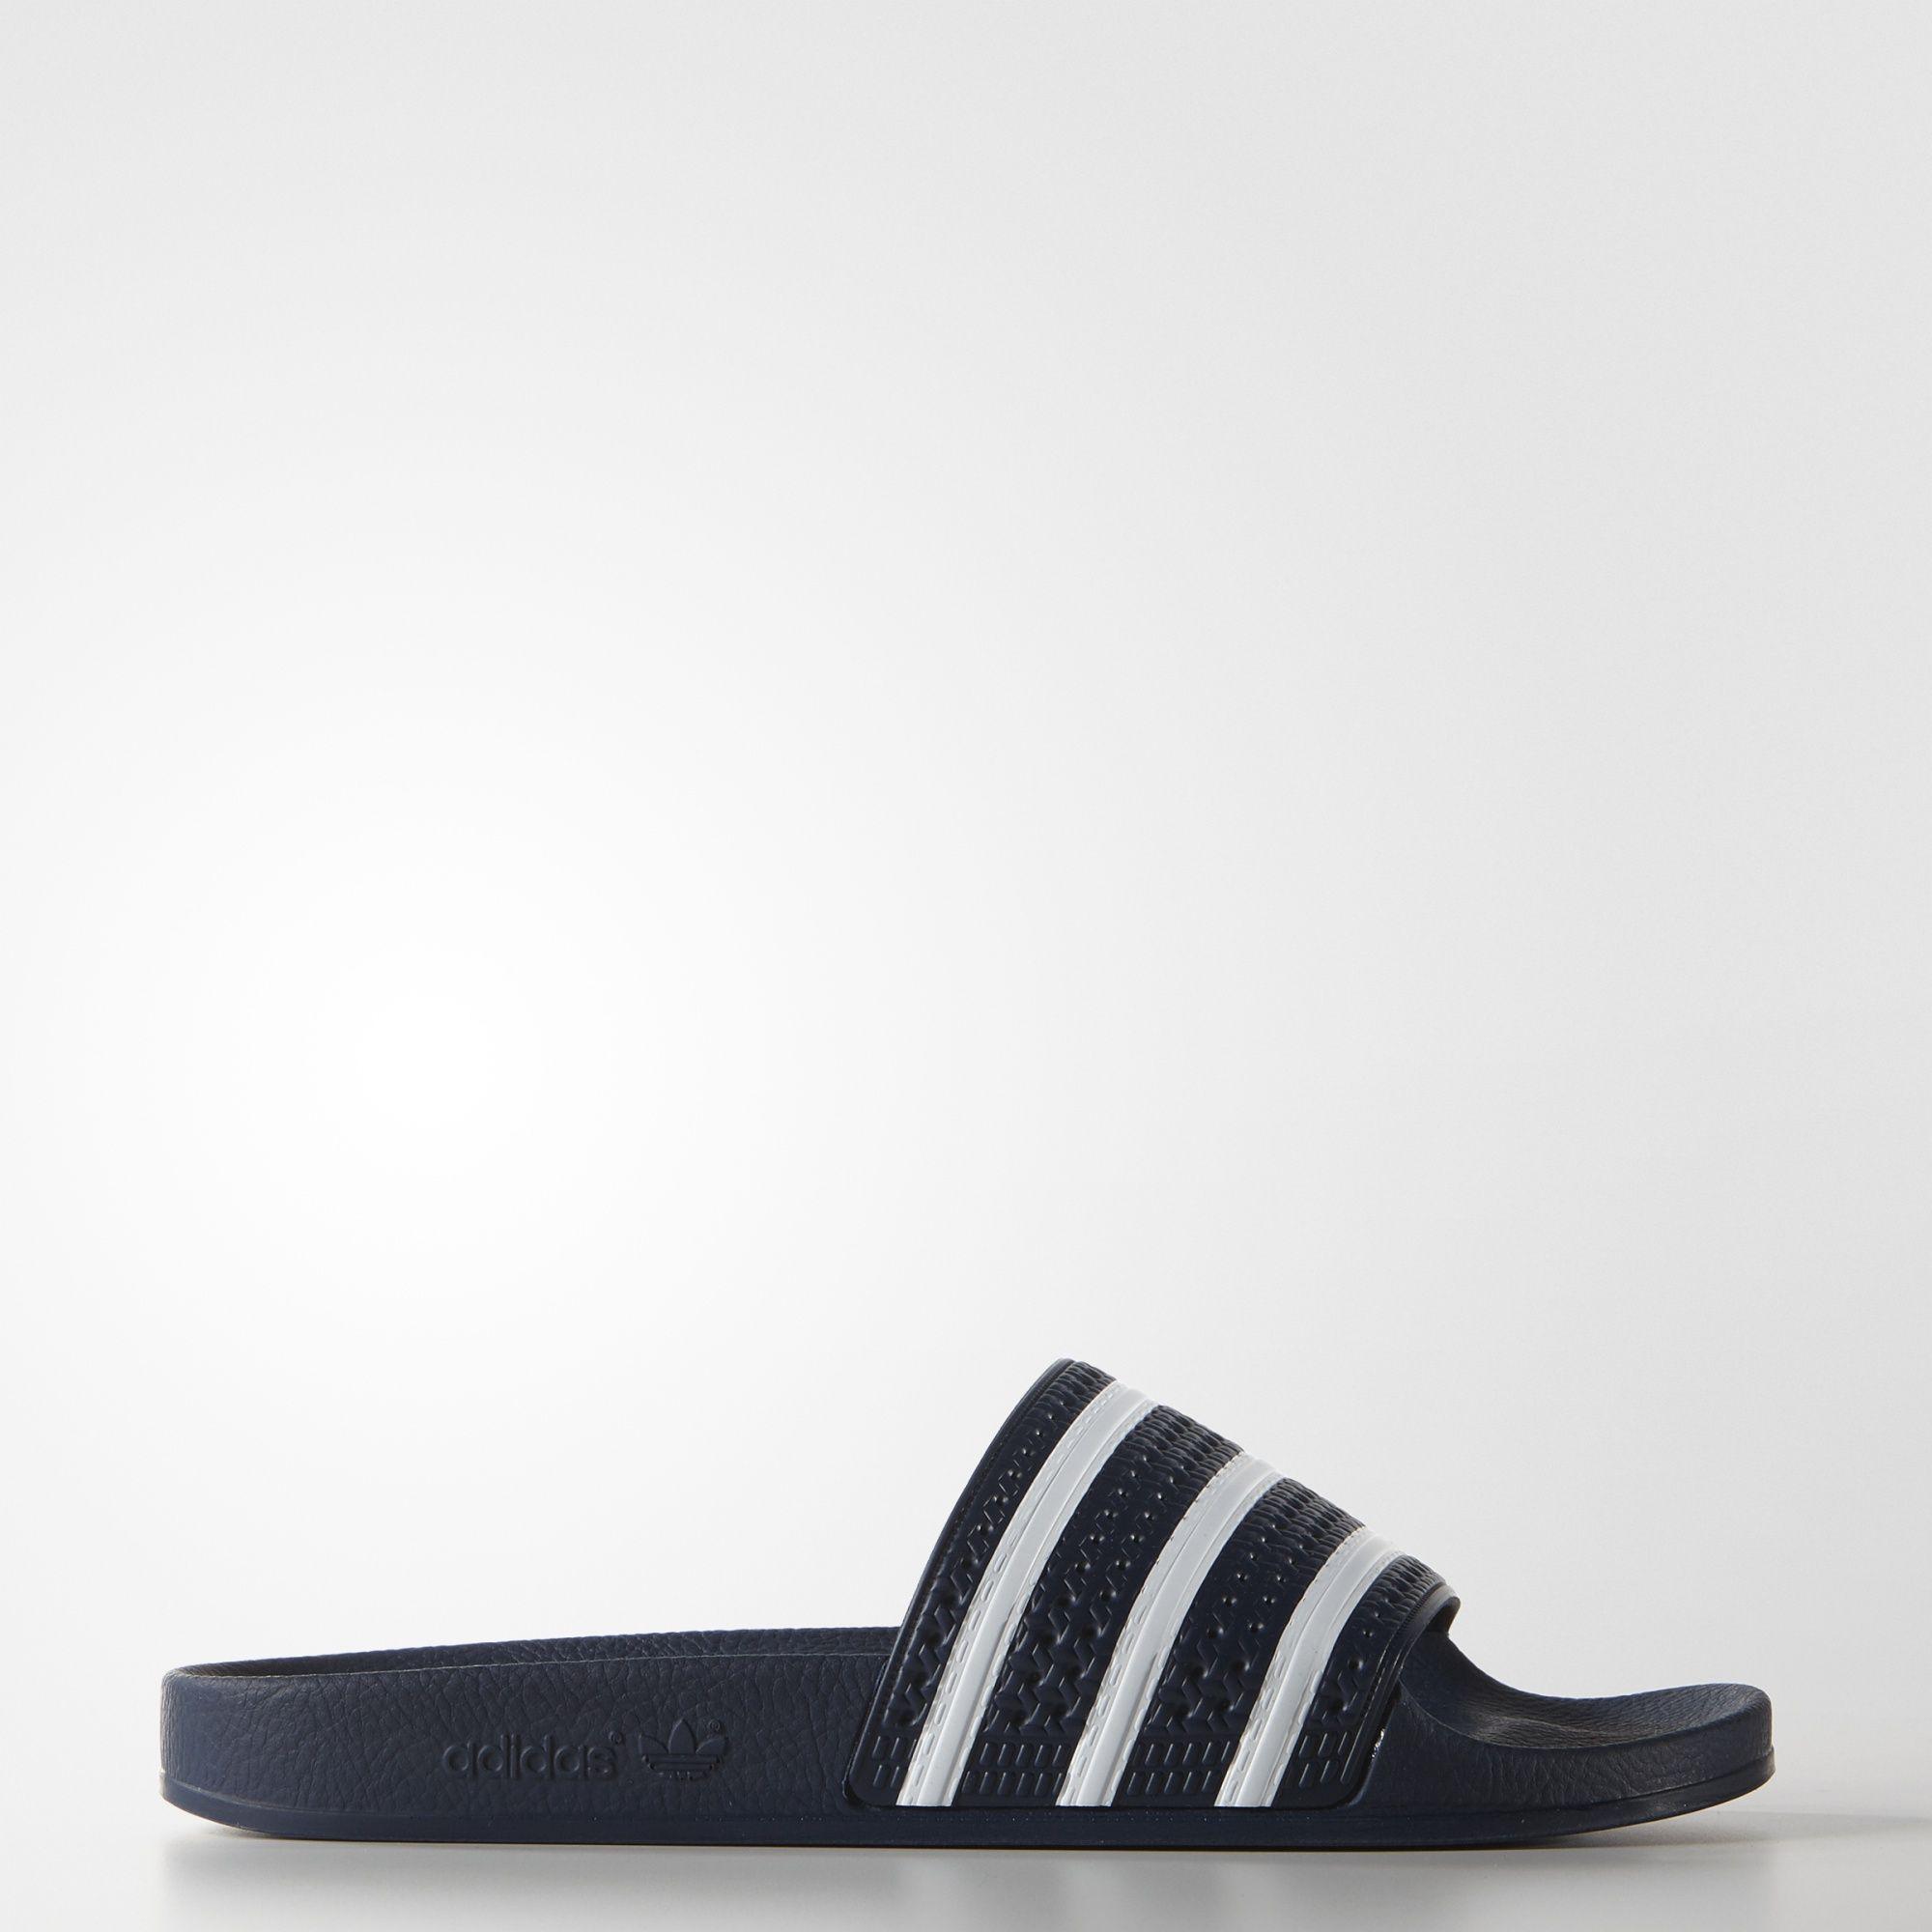 Die adilette wurde 1972 auf den Markt gebracht und hat sich zu einem der weltweit beliebtesten adidas-Slipper entwickelt. Die adidas Originals adilette steht für Entspannung und Wohlgefühl und sorgt mit sicherem Softbandagen-Design und ausgeprägtem Fußbett für anhaltenden Komfort.